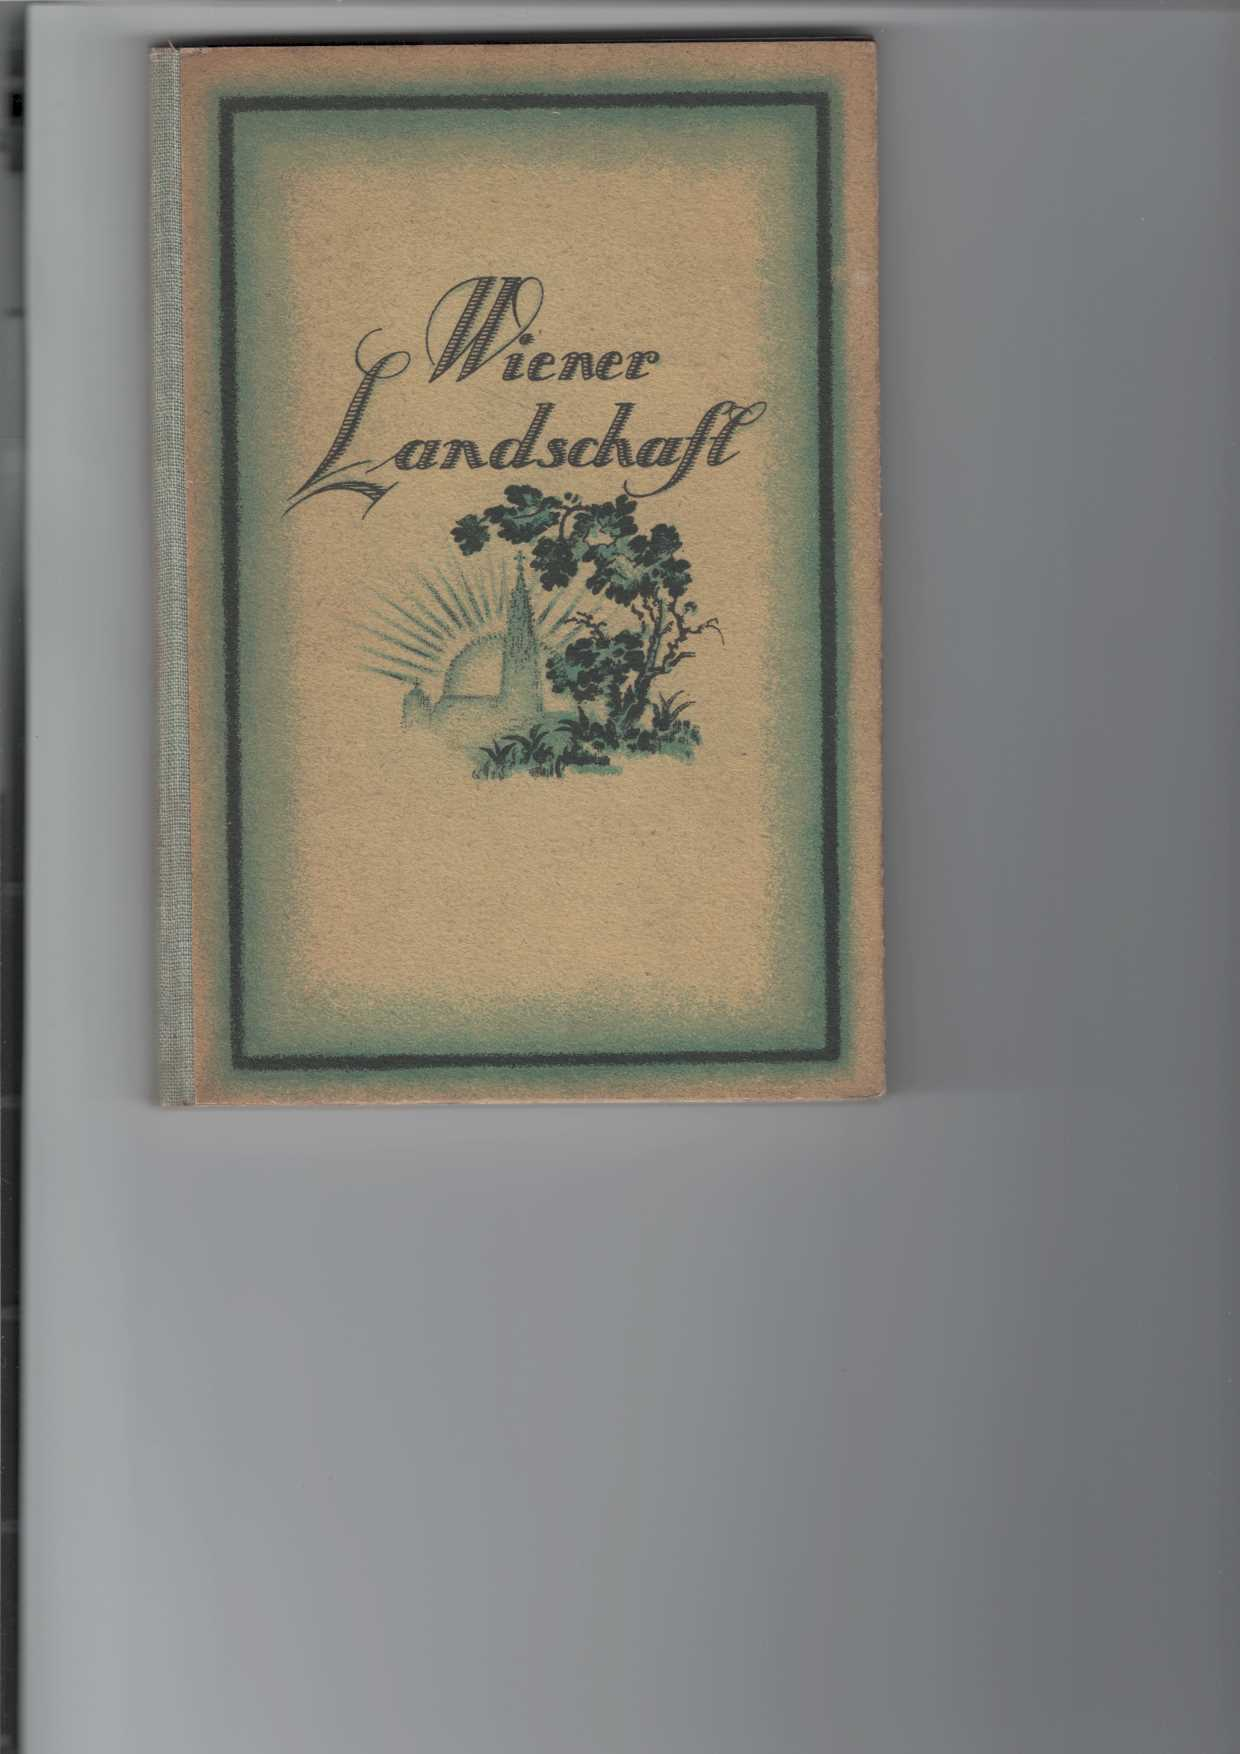 Weyrich, Edgar: Wien, geschildert von Künstlern der Feder und des Stiftes : Zweiter (2.) Teil: Wiener Landschaft (Wahrzeichen und Schönheiten). Ein Heimatbuch Schule und Haus dargeboten von Edgar Weyrich.